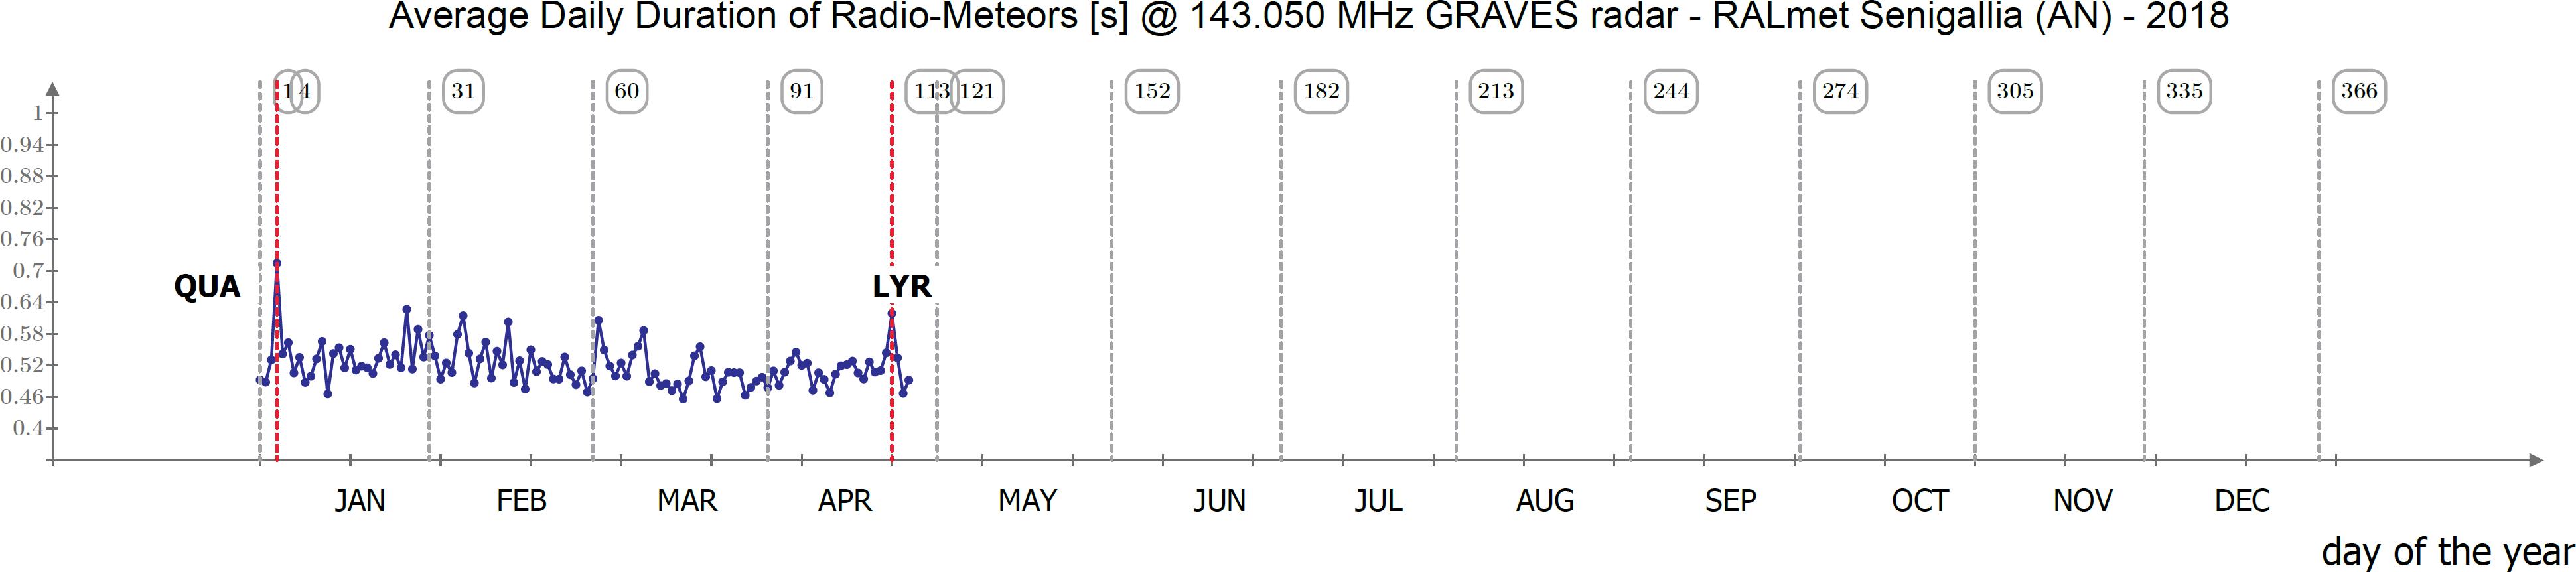 Il valore (relativamente basso) della durata media degli eventi catturati durante il periodo delle Liridi conferma la presenza di eventi poco appariscenti.